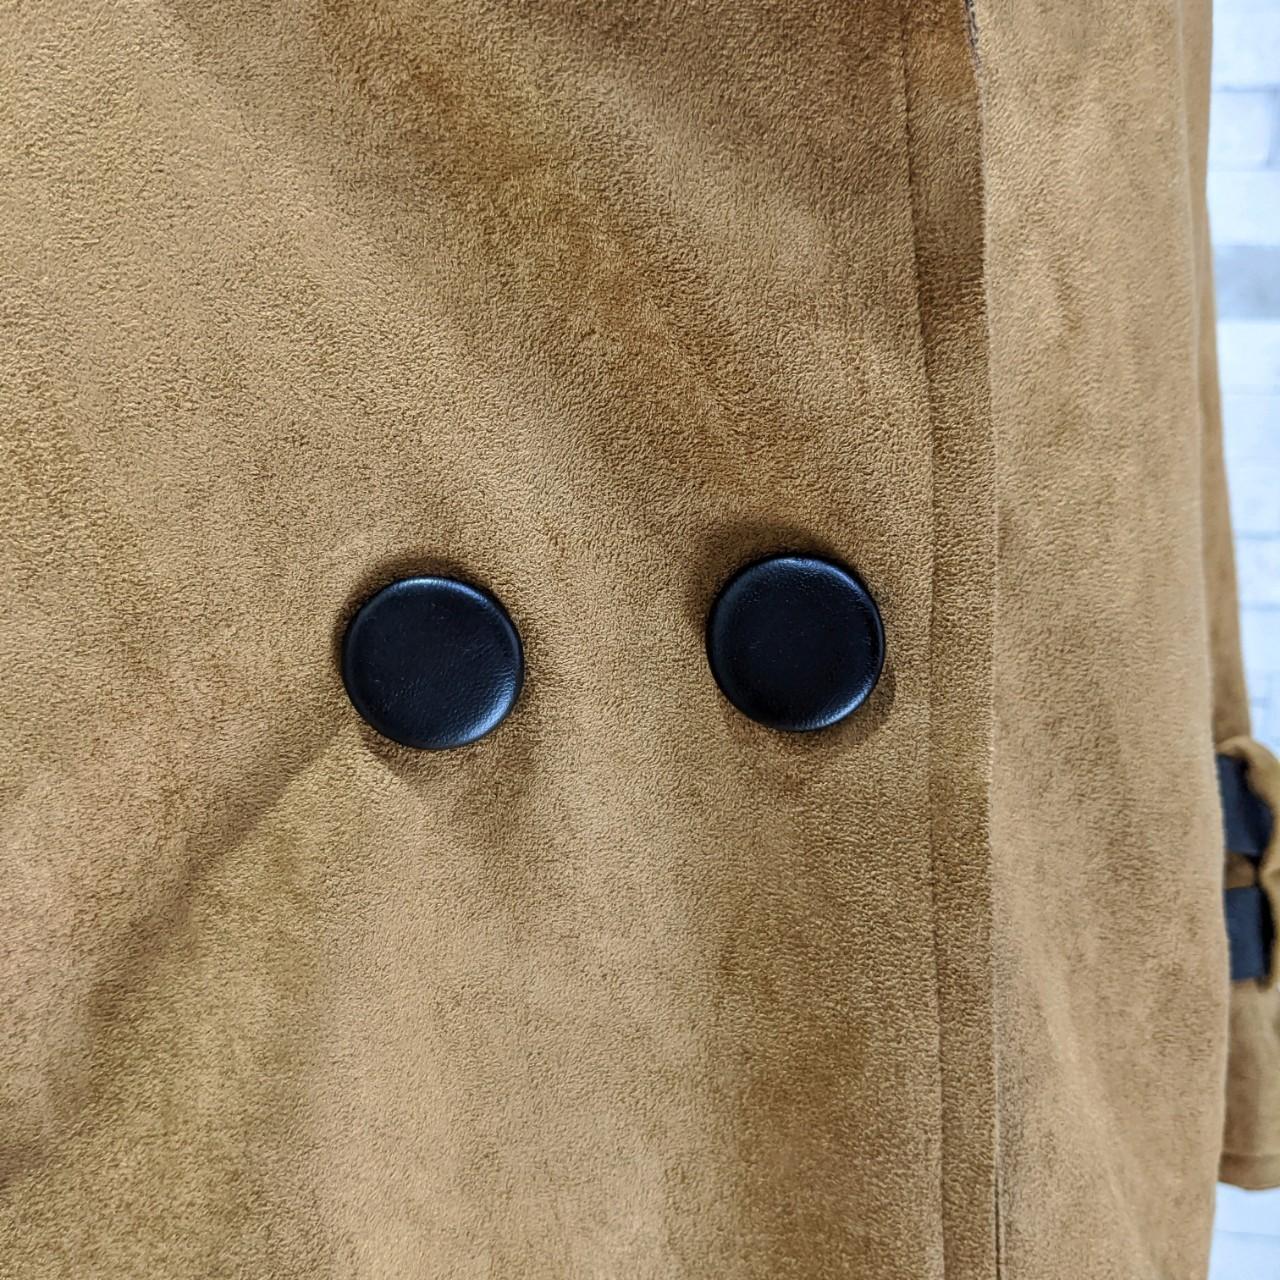 【即納】韓国 ファッション アウター レザージャケット コート 秋 冬 パーティー ブライダル SPTXG910  革ベルト風 エコスエード ジャケット ショート 二次会 セレブ きれいめの写真10枚目